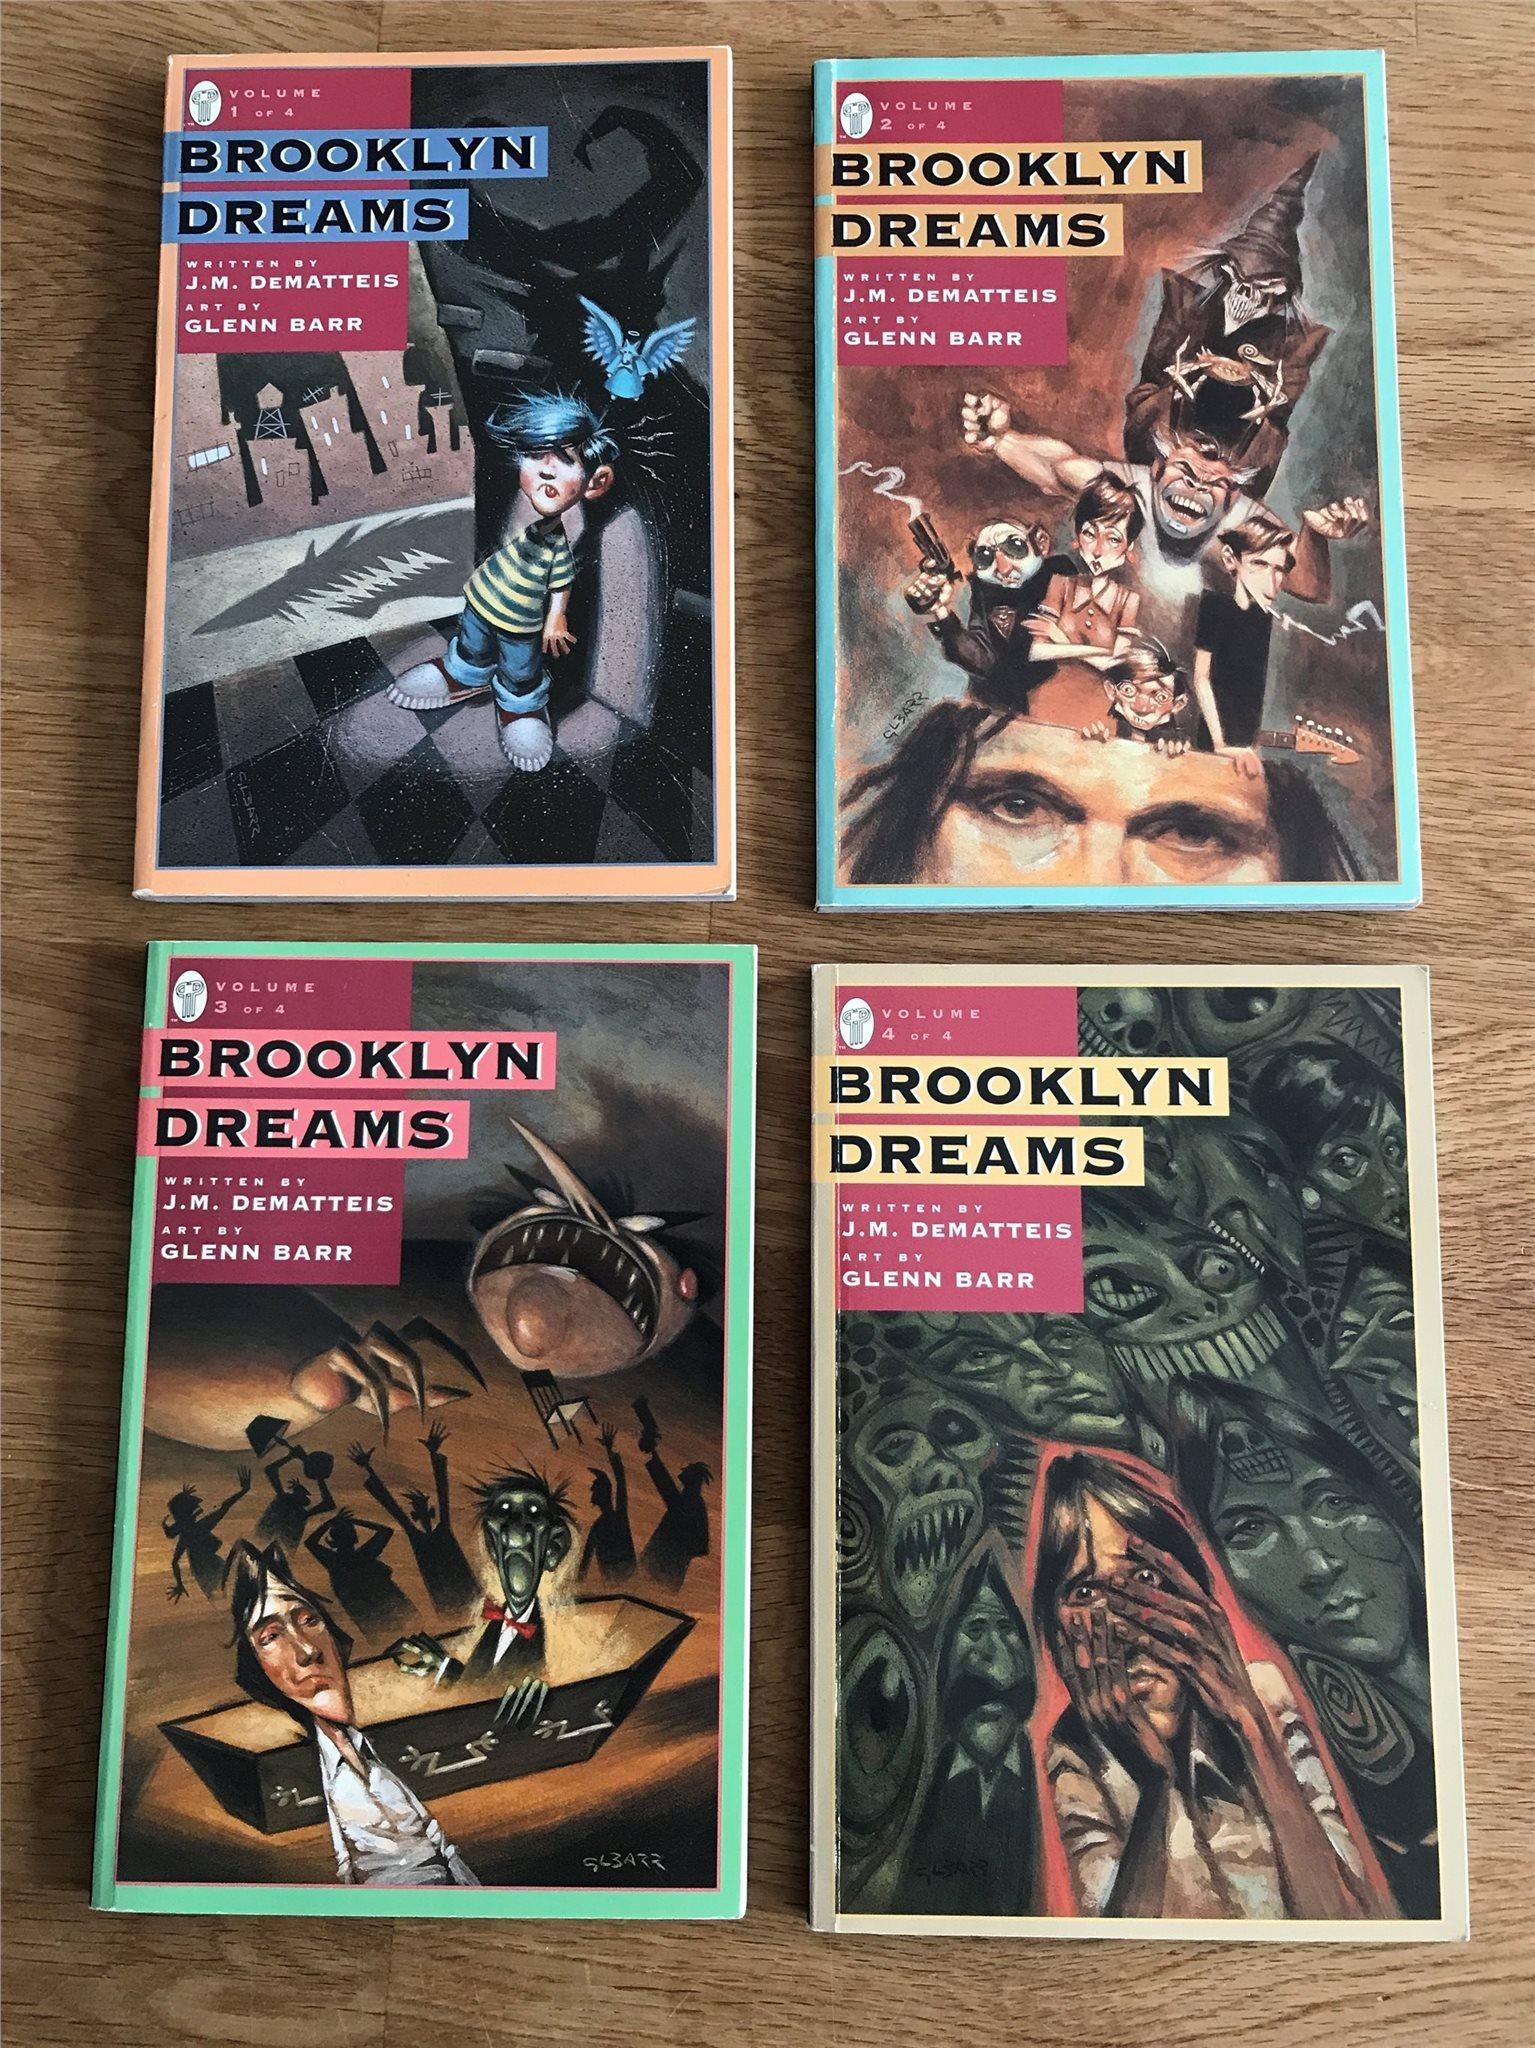 Brooklyn Dreams avslutad miniserie (359326494) ᐈ Köp på Tradera